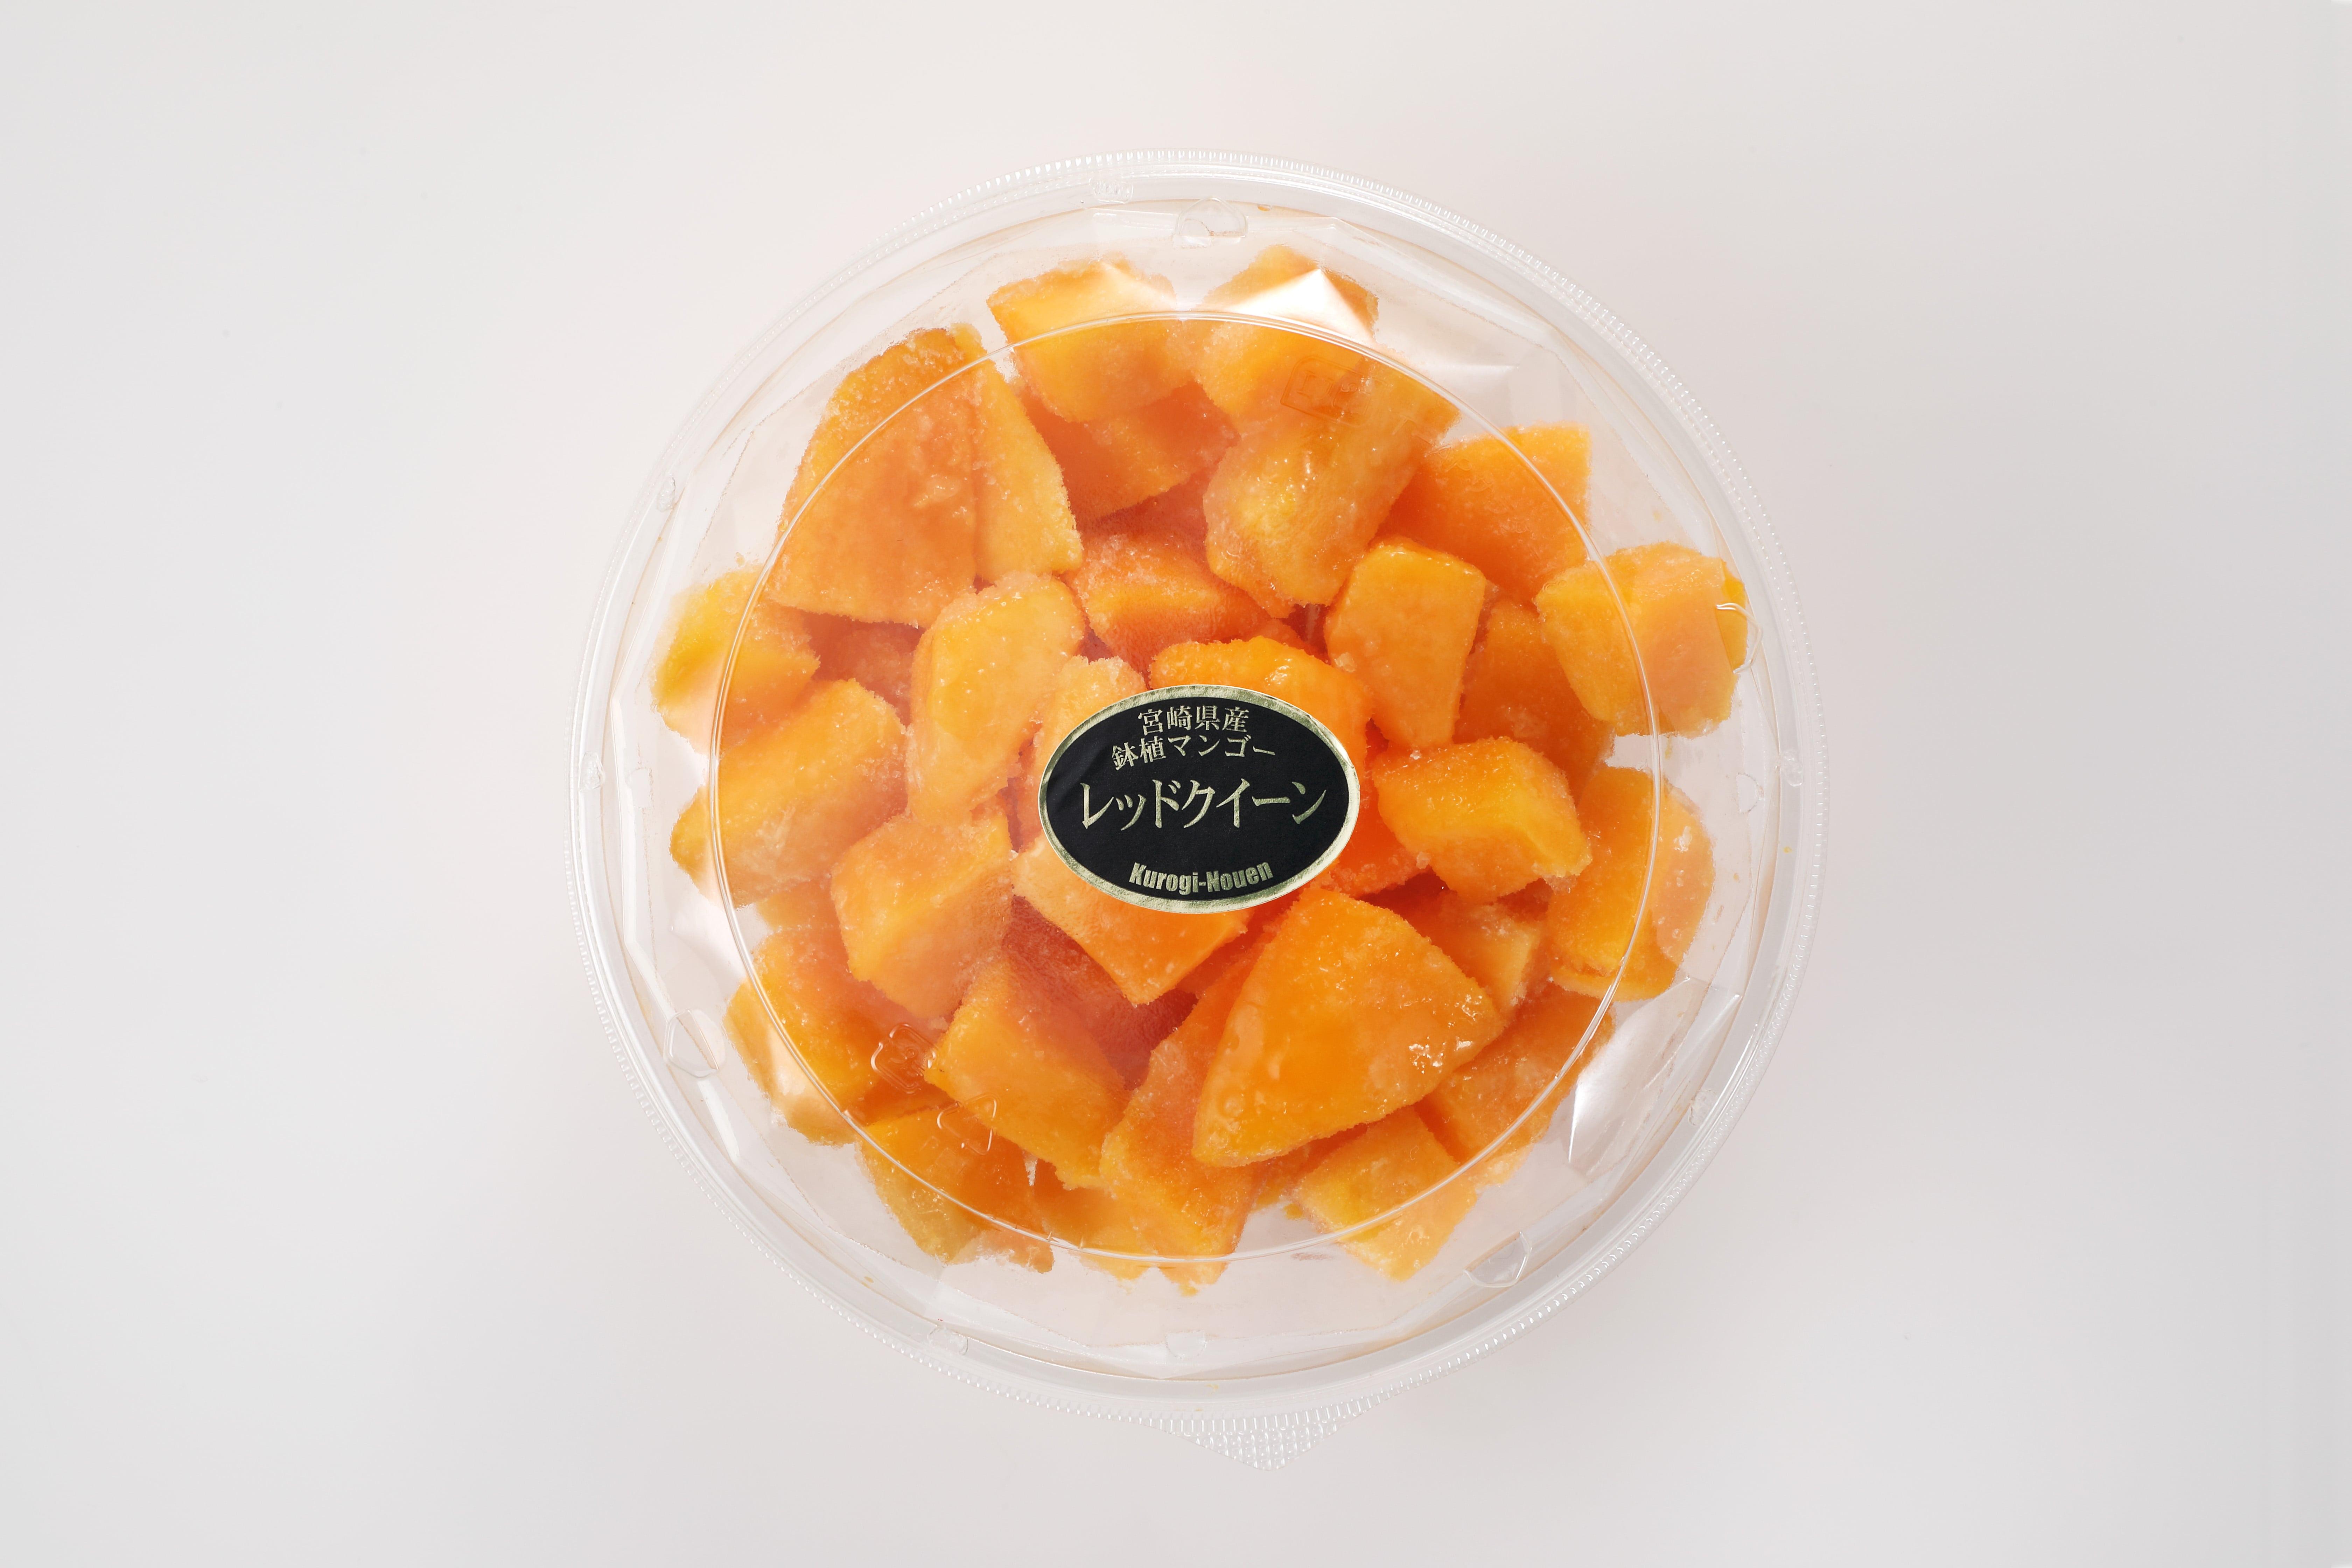 無糖でも濃厚な甘さ「宮崎県産完熟マンゴー冷凍カット500g」